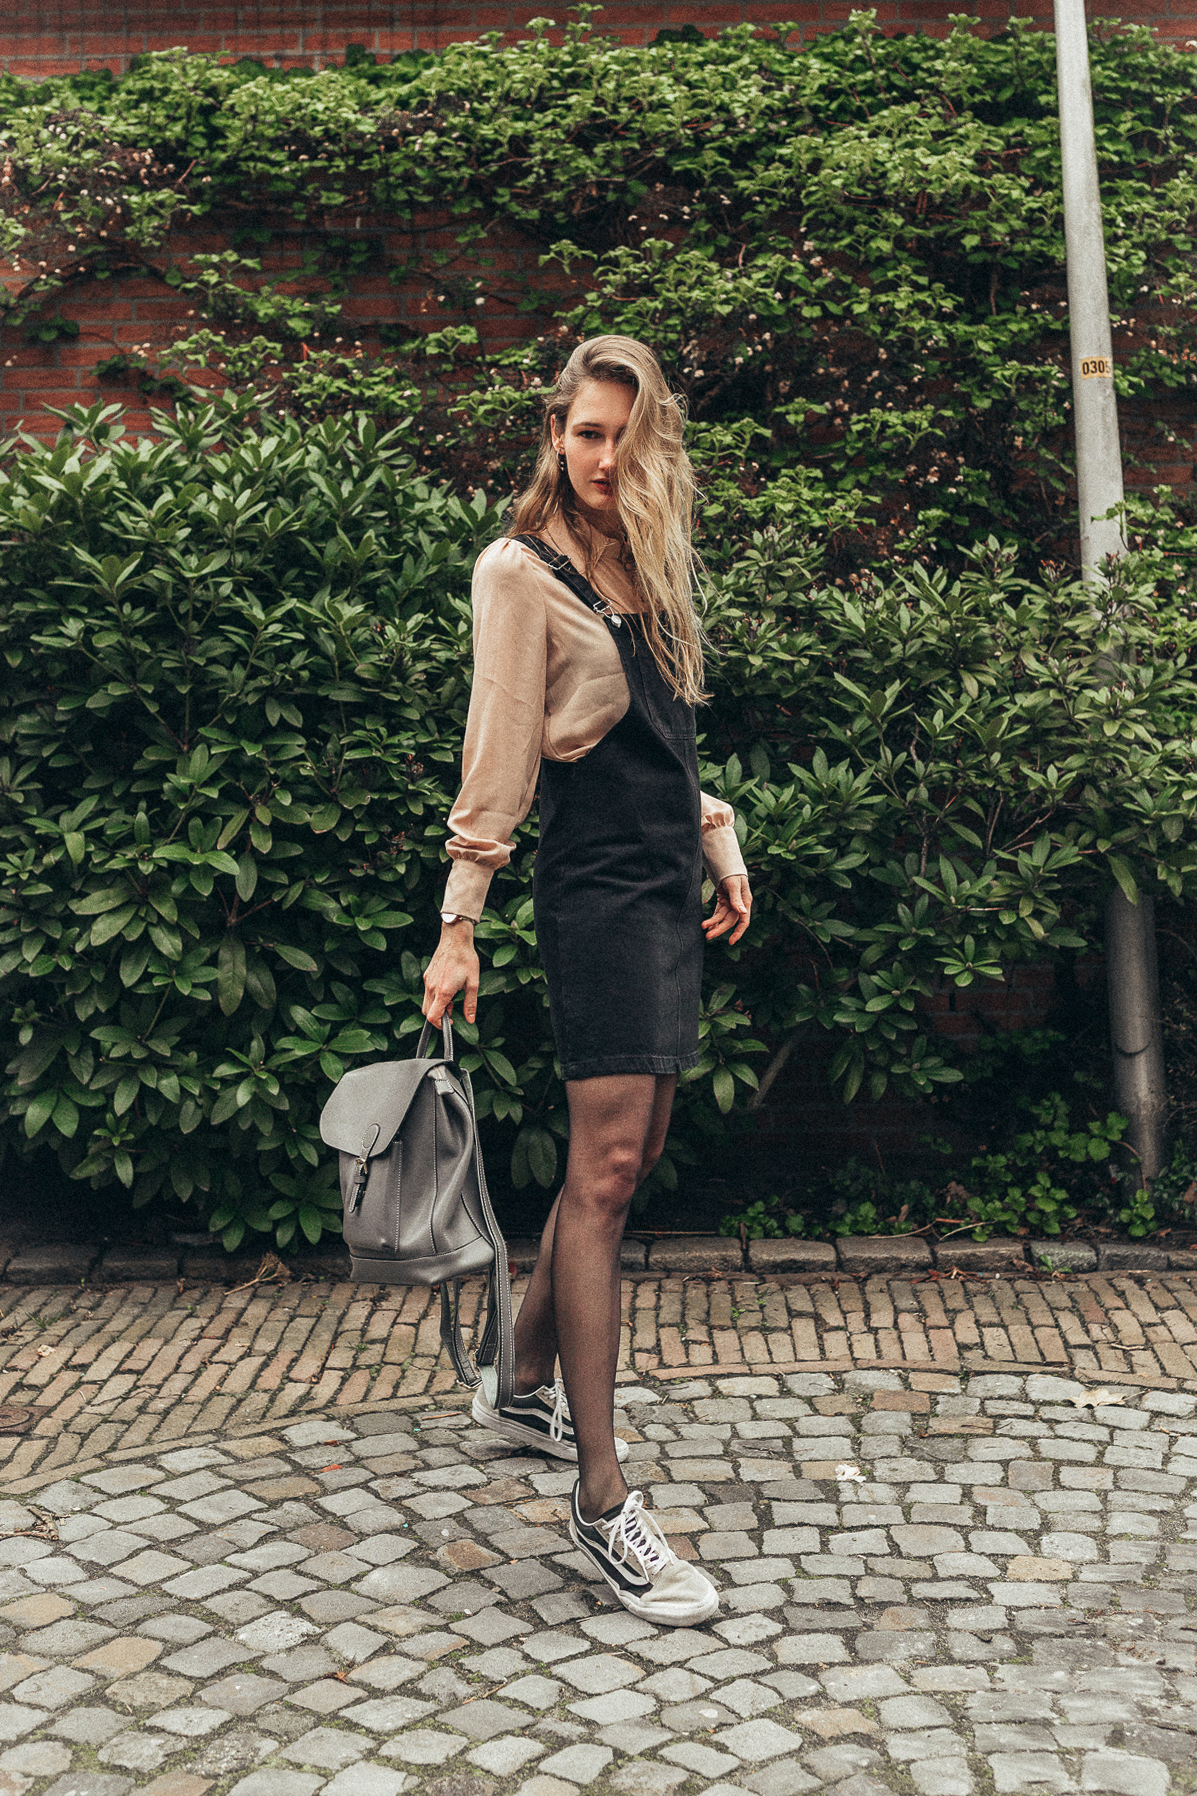 chiquelle outfit 2019